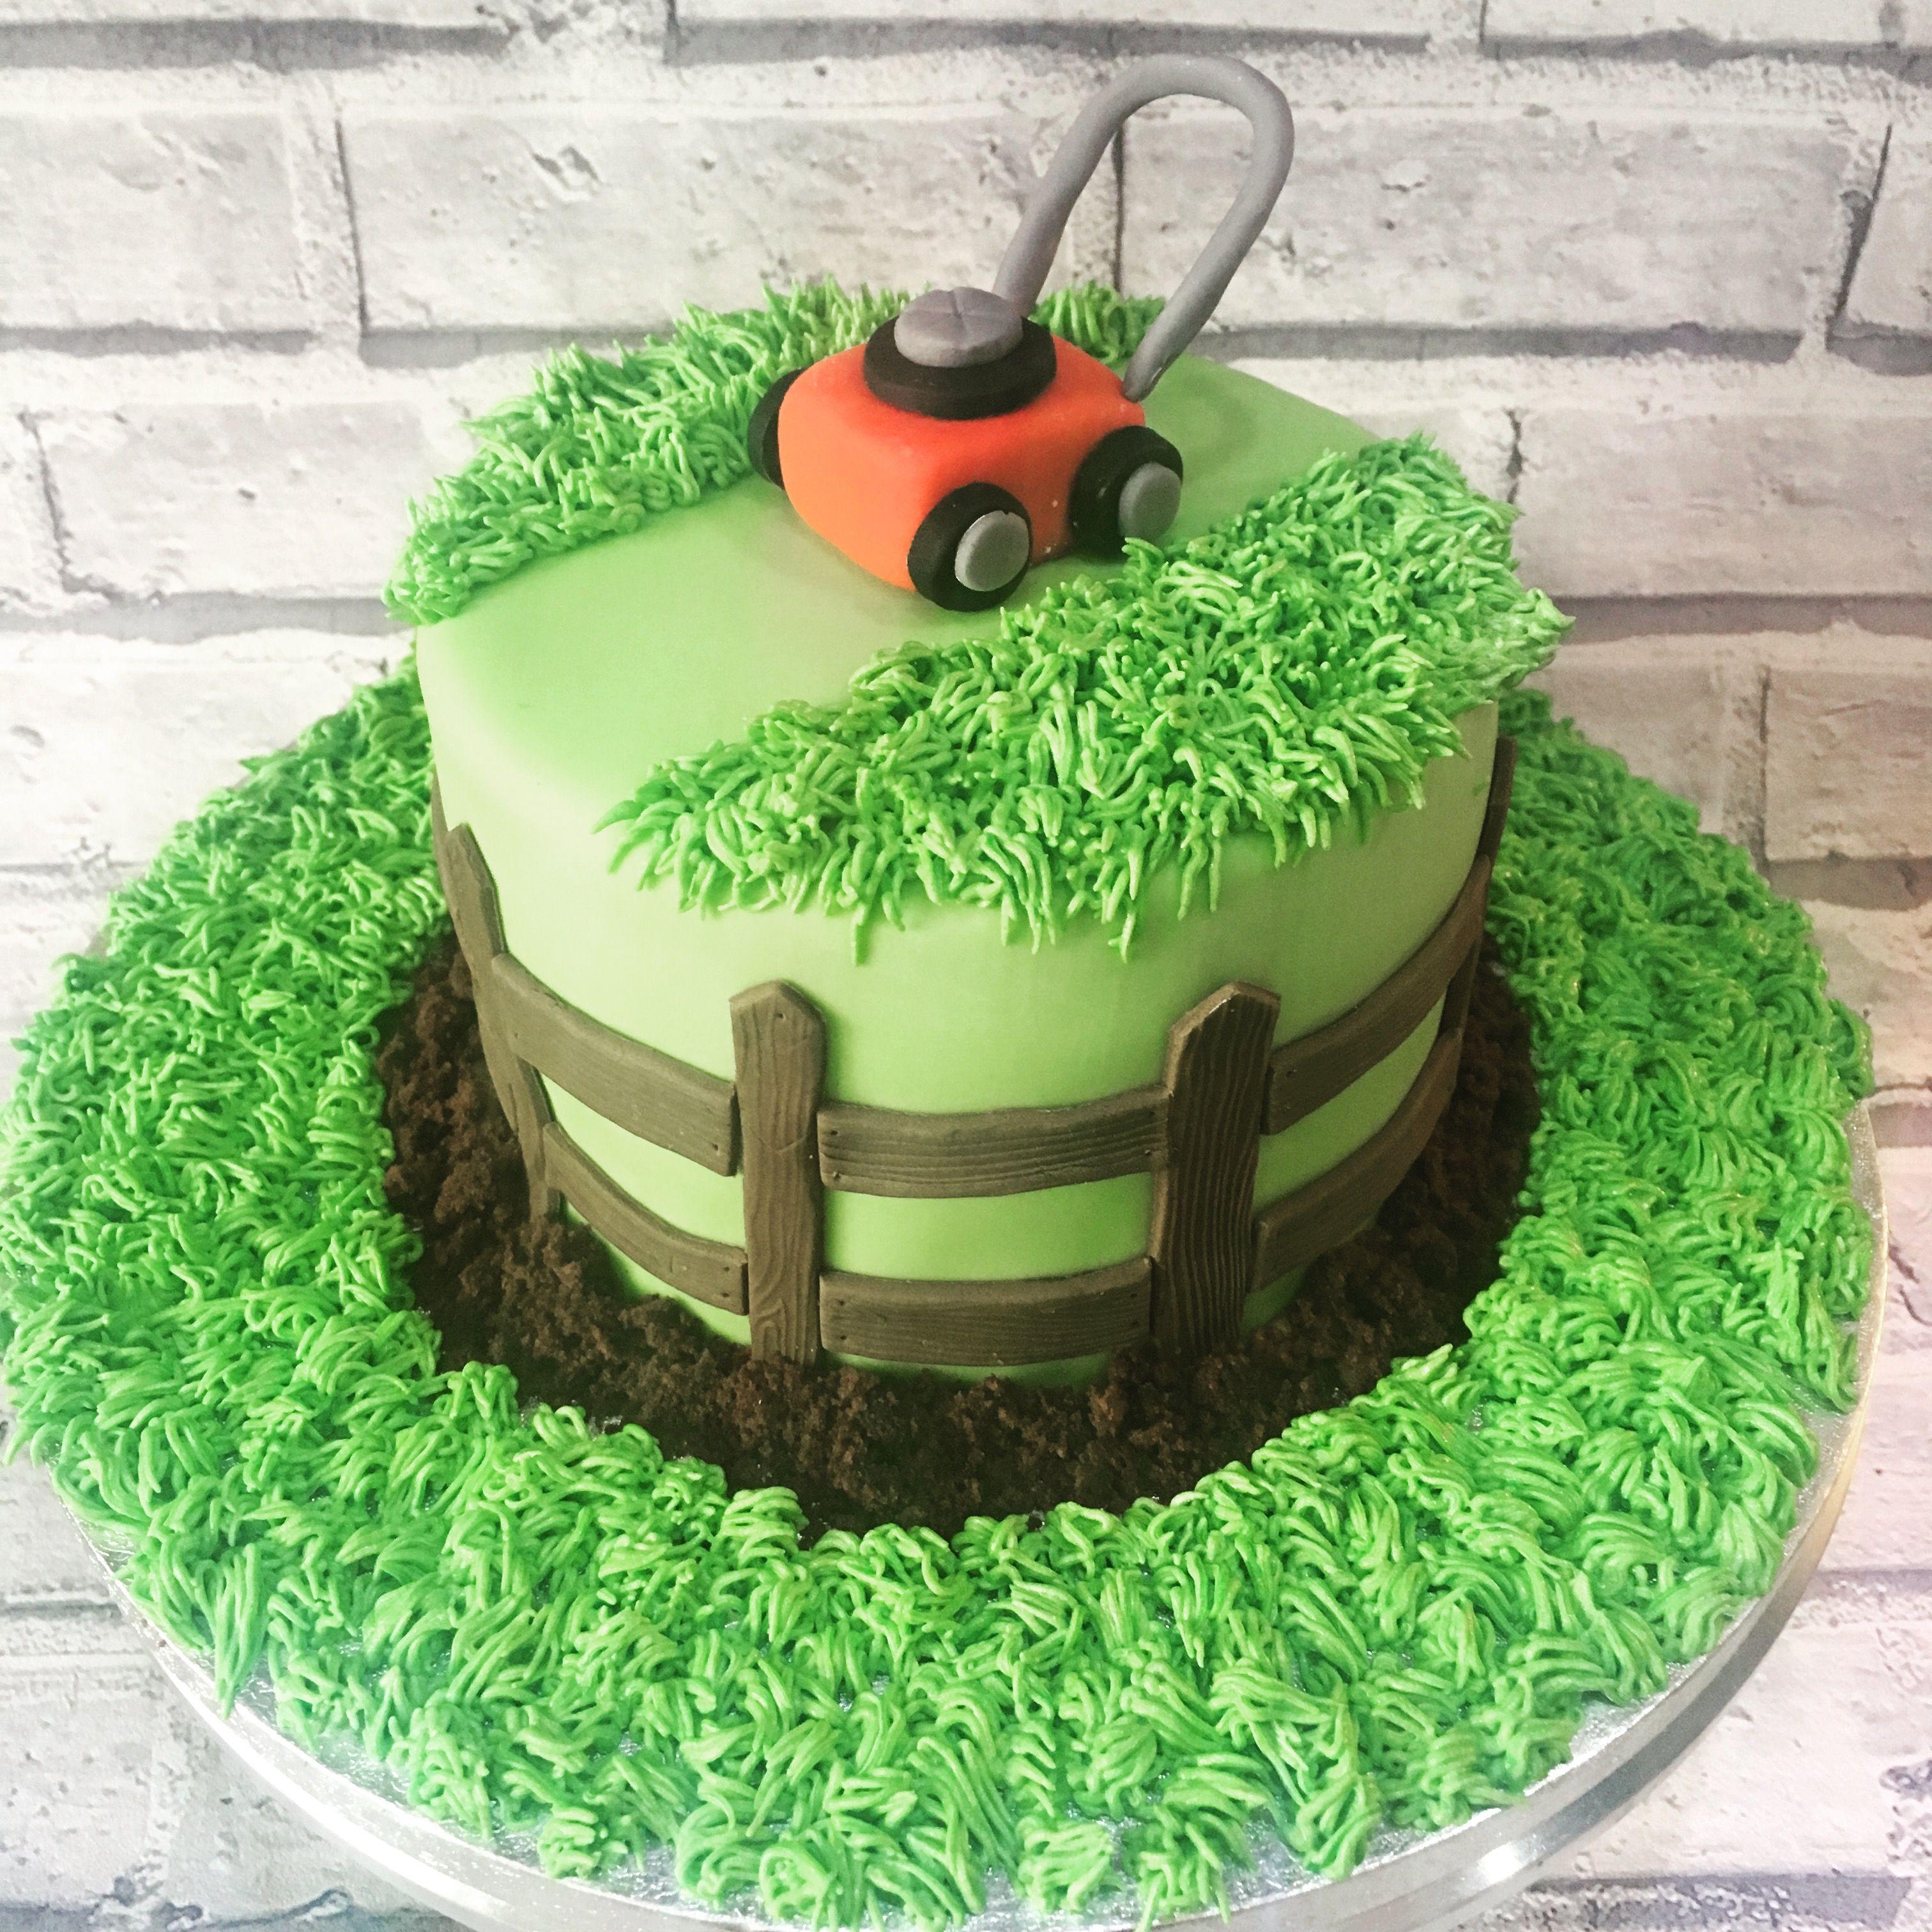 Lawn mower cake | Lawn mower, Lawn mower cake, Lawn mower ...